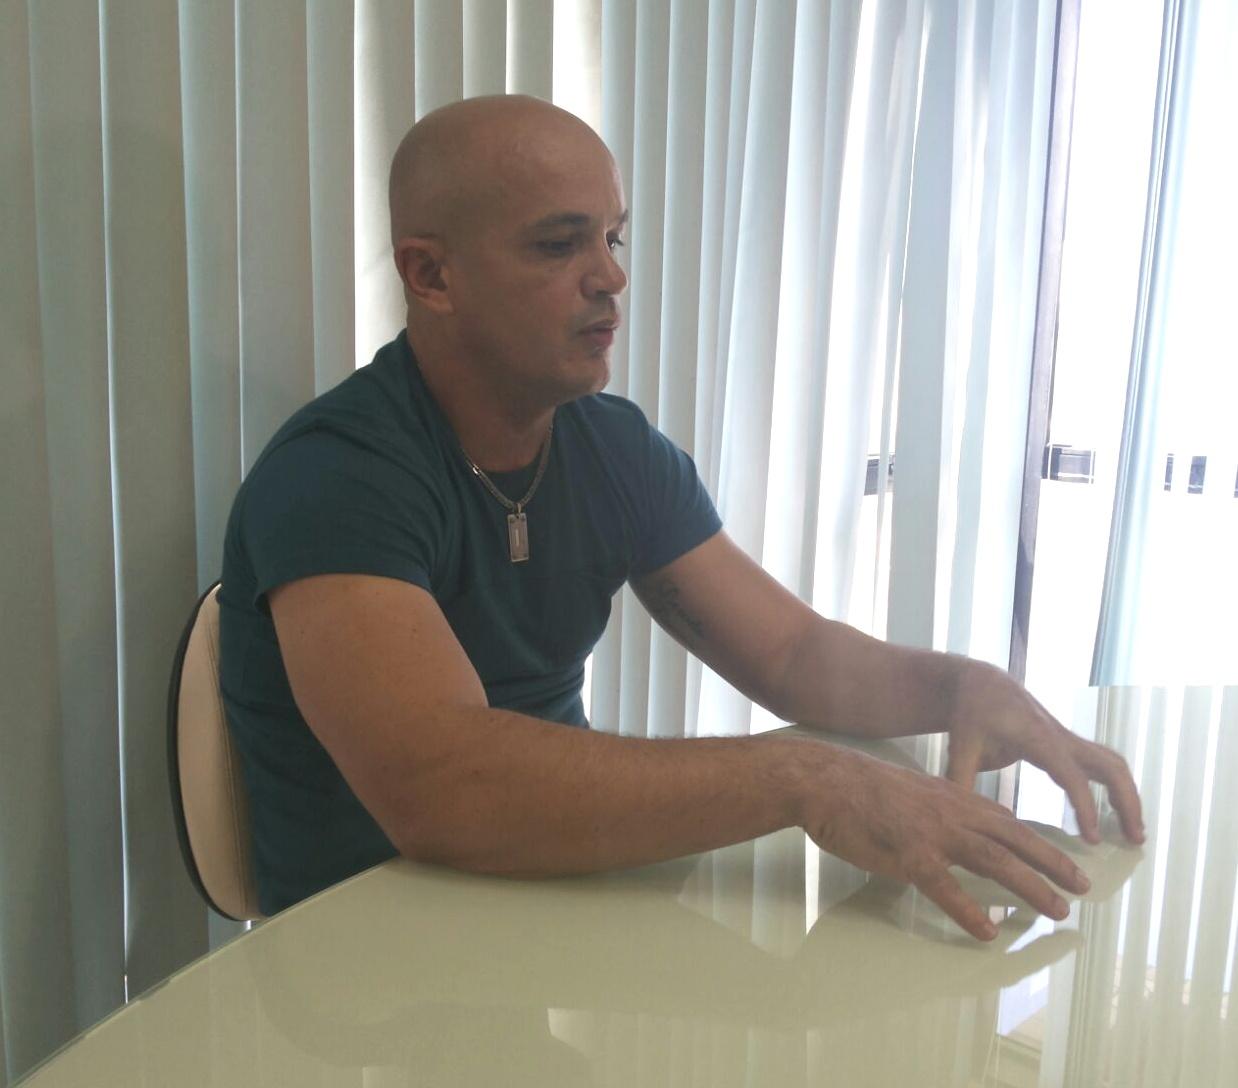 Francilewdo acredita que seu caso alertou sobre crimes que passavam despercebidos (FOTO: Tribuna do Ceará/Rosana Romão)